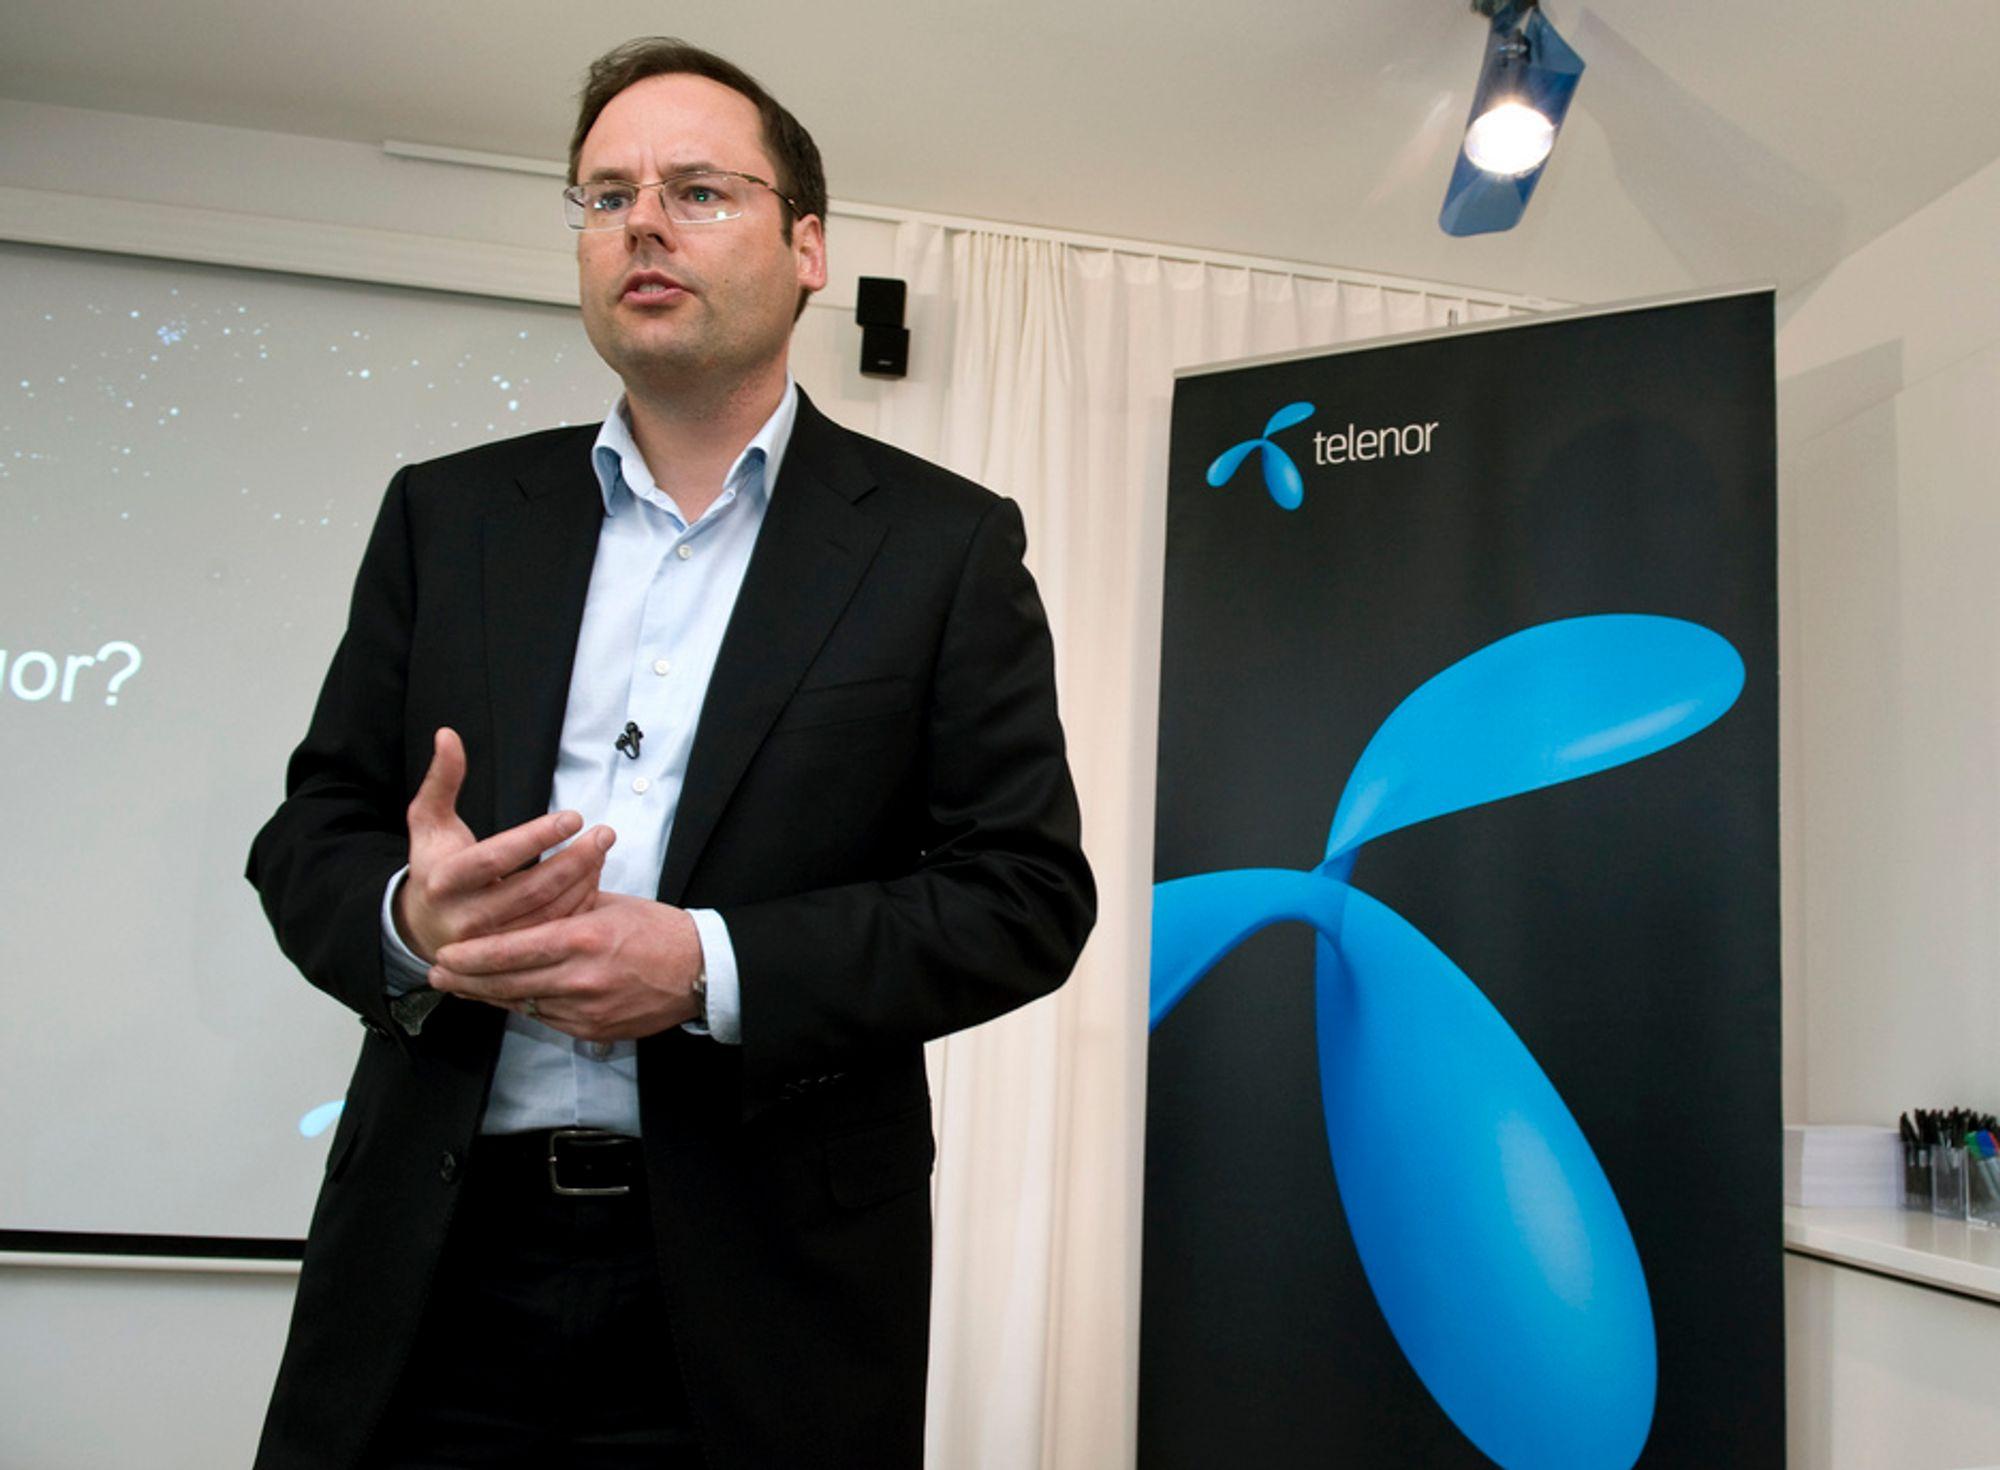 Direktør Lars-Åke Norling i Telenor Sverige må si opp 400 ansatte.